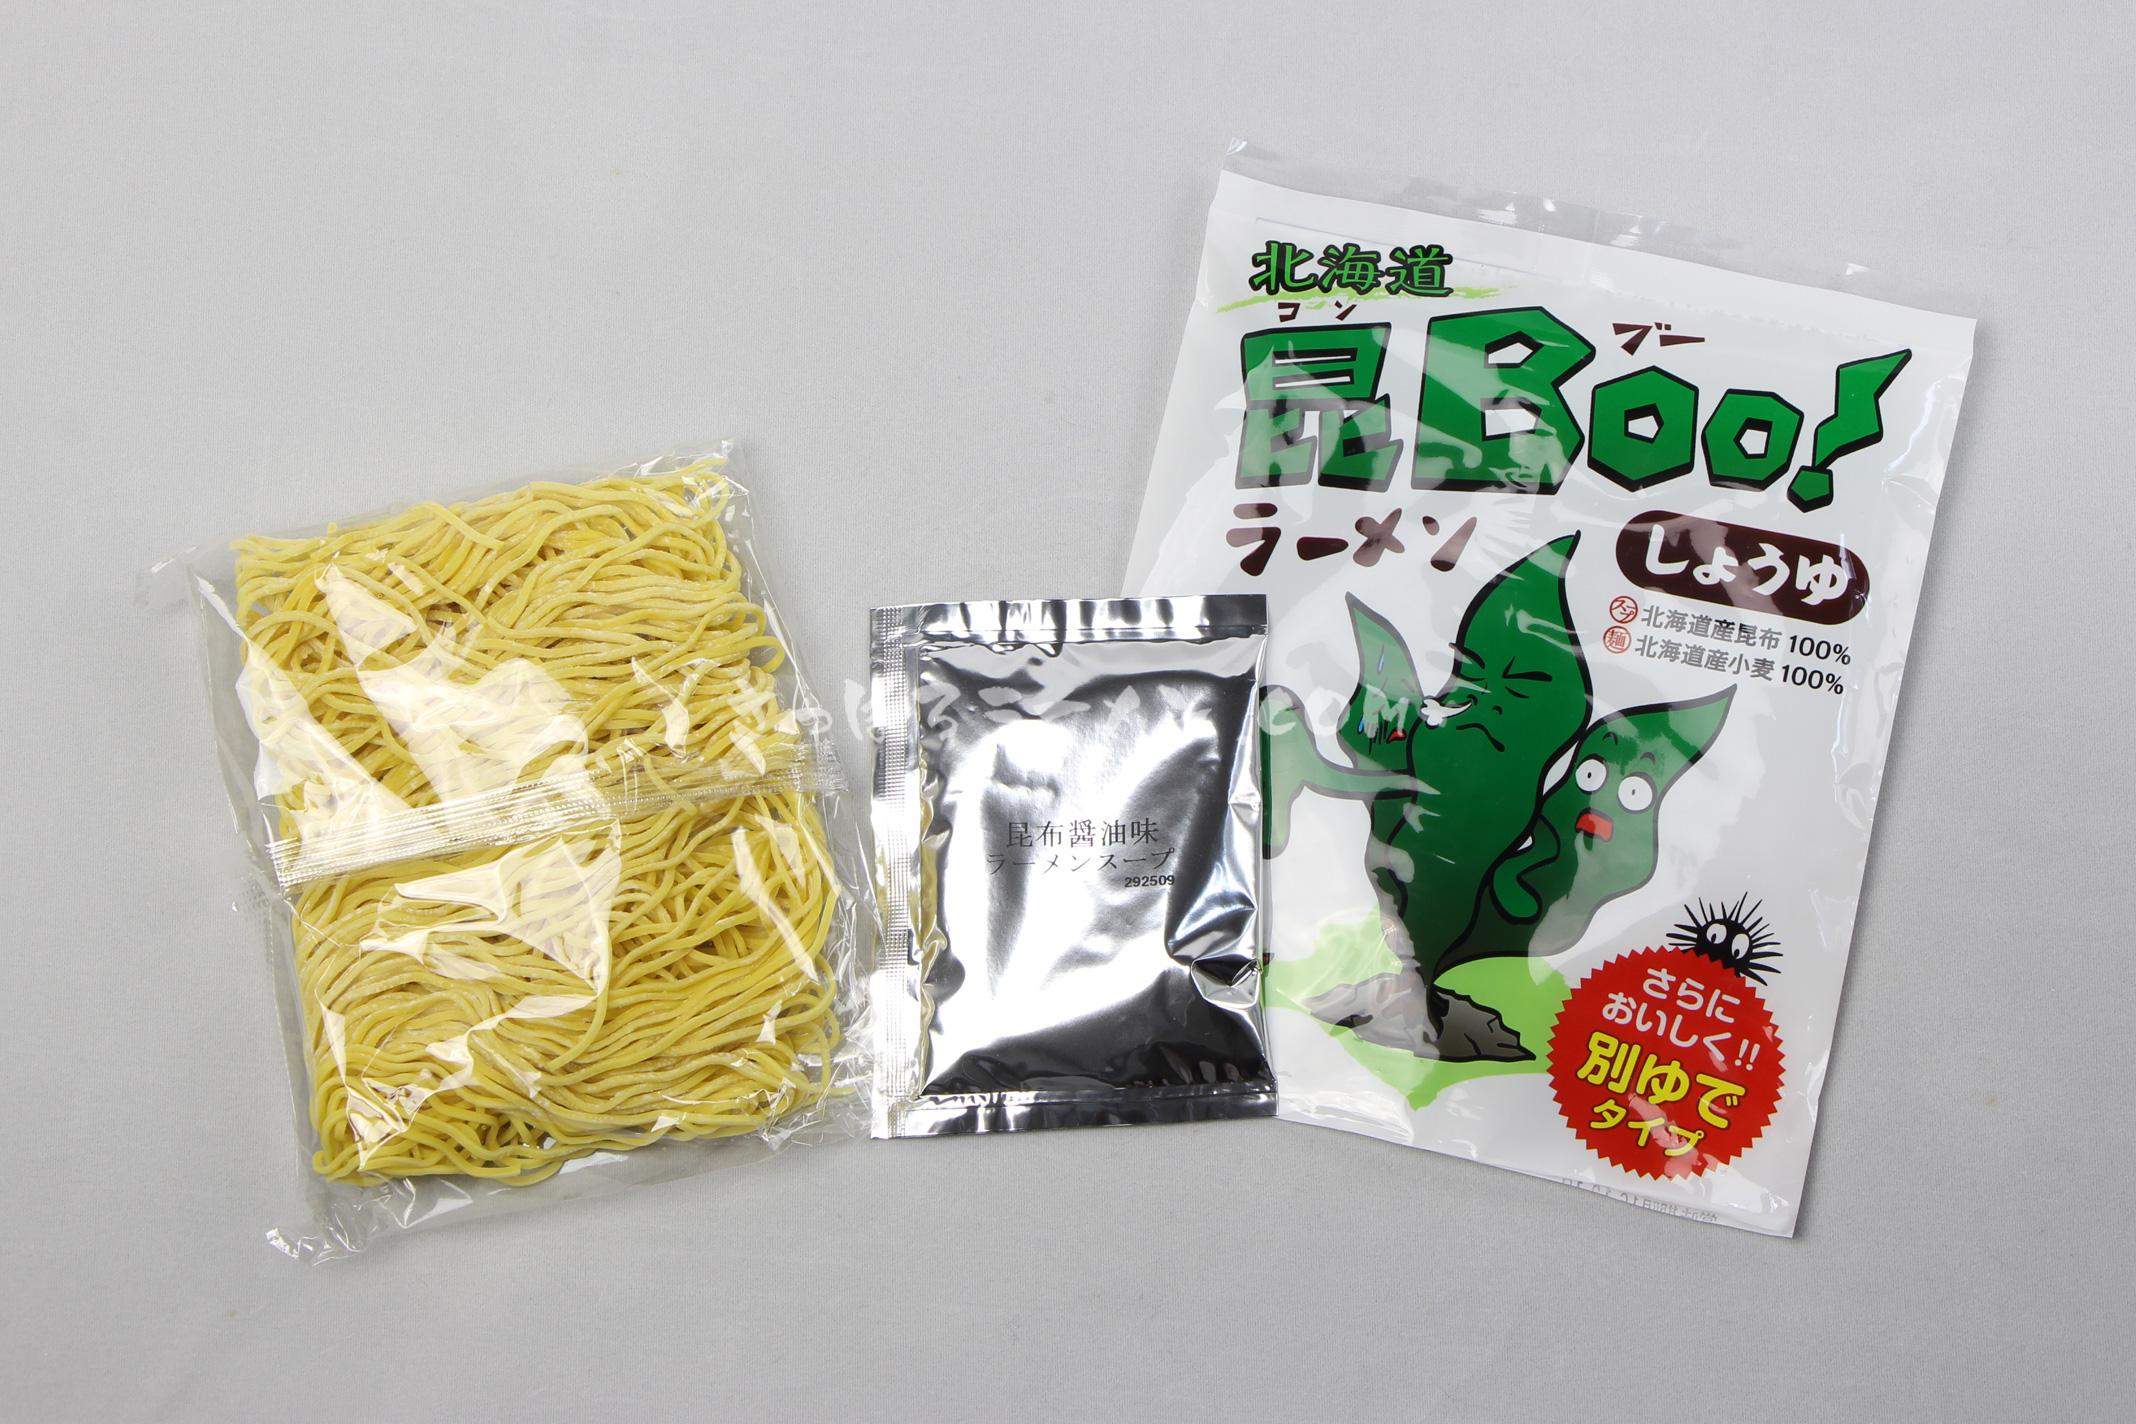 「北海道 昆Boo!ラーメン しょうゆ」(えぞキッチン)の麺とスープ